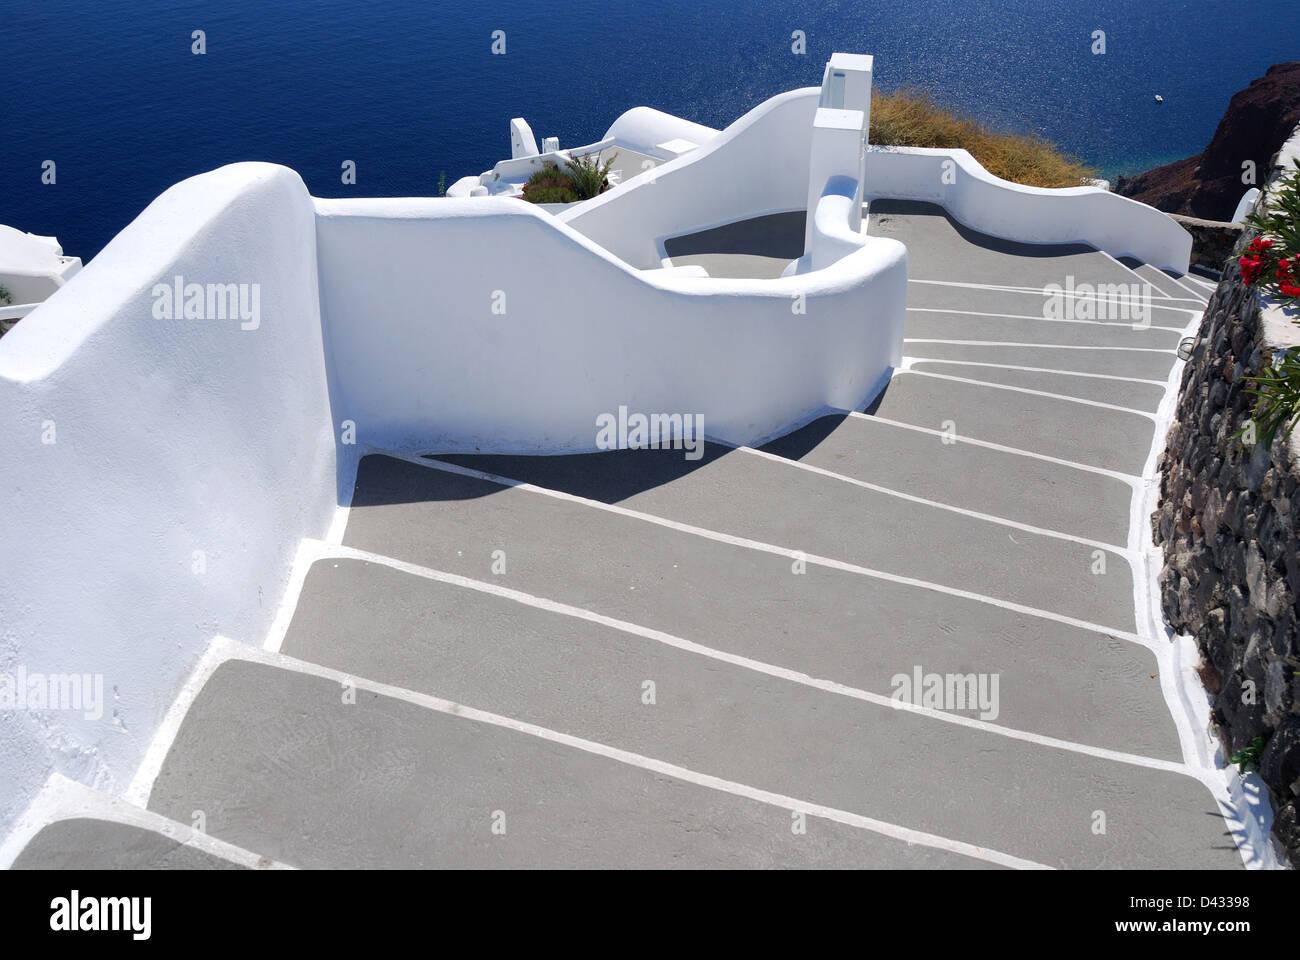 Escaliers vers la mer, village de Oia Santorini, Grèce, un lieu touristique populaire pour l'architecture. Photo Stock